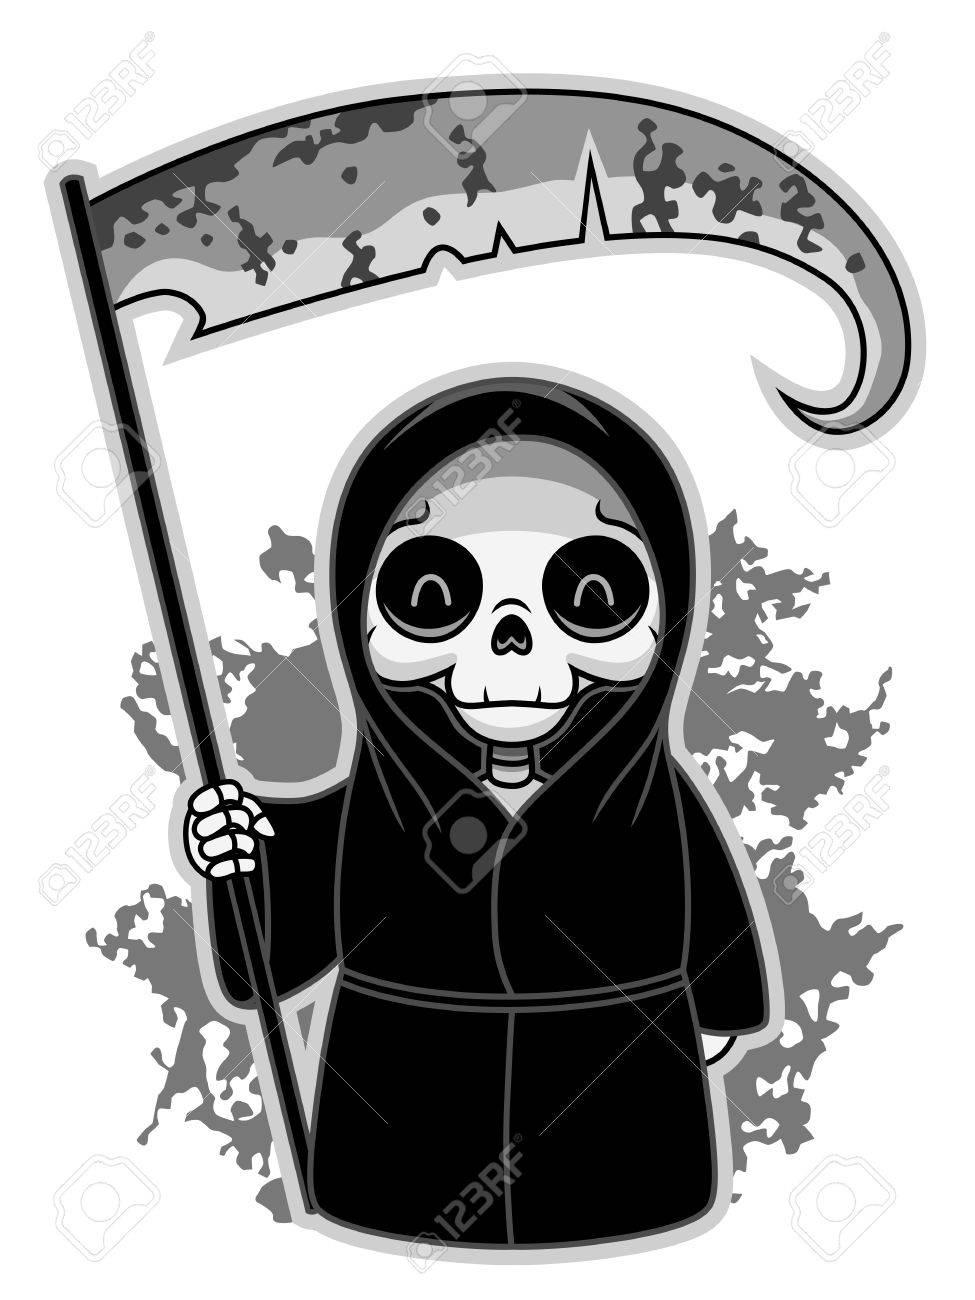 かわいい死神のイラスト素材ベクタ Image 60766389